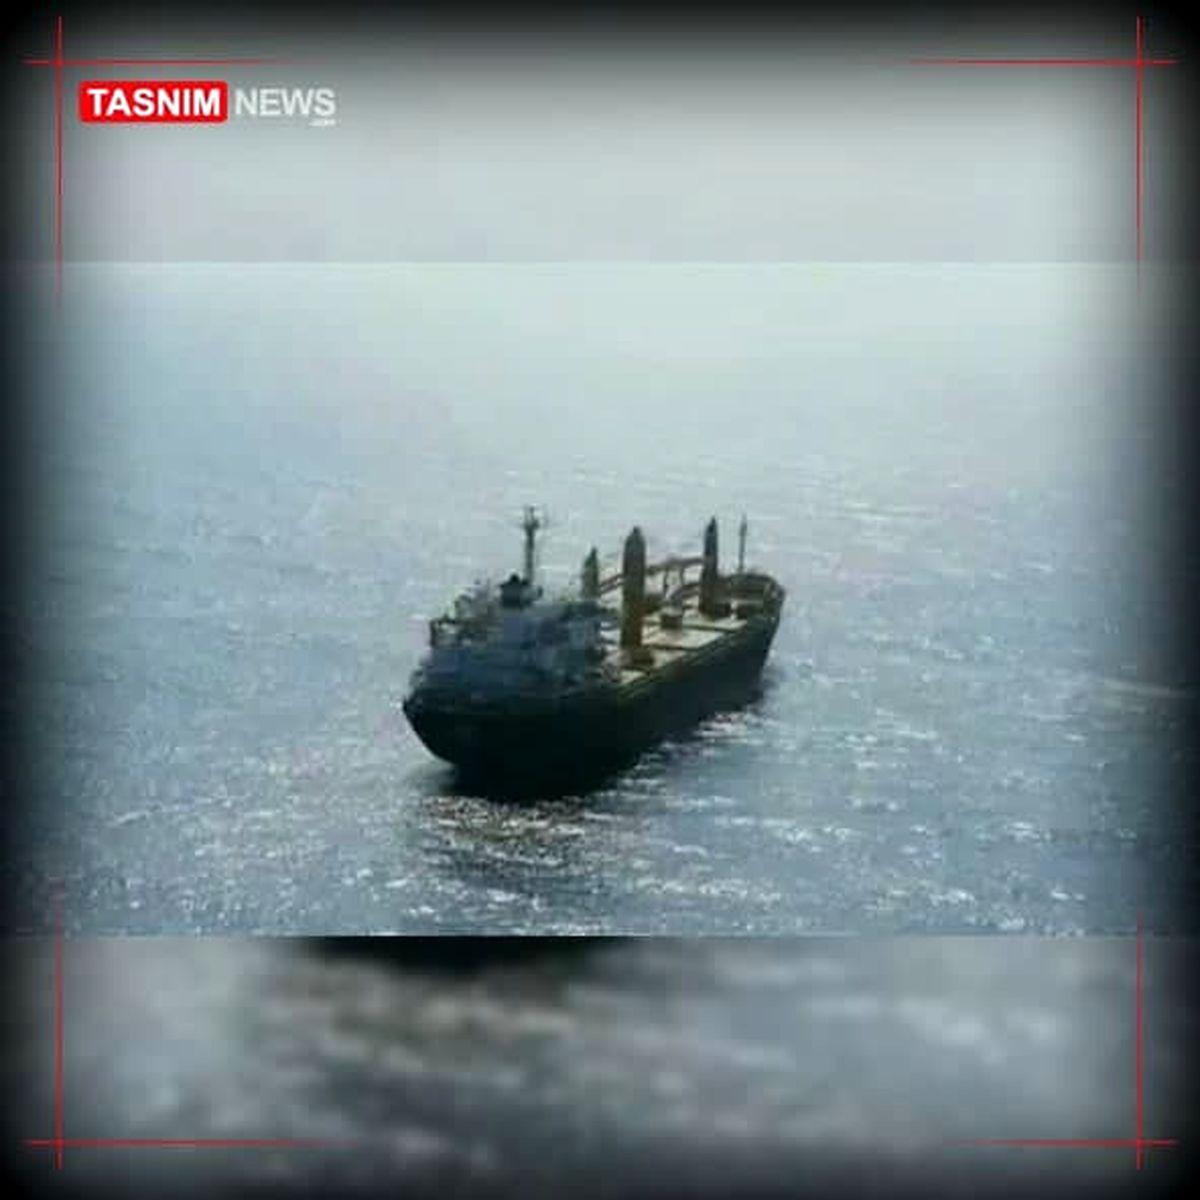 نیویورک تایمز: اسرائیل عامل حمله به کشتی ایرانی است